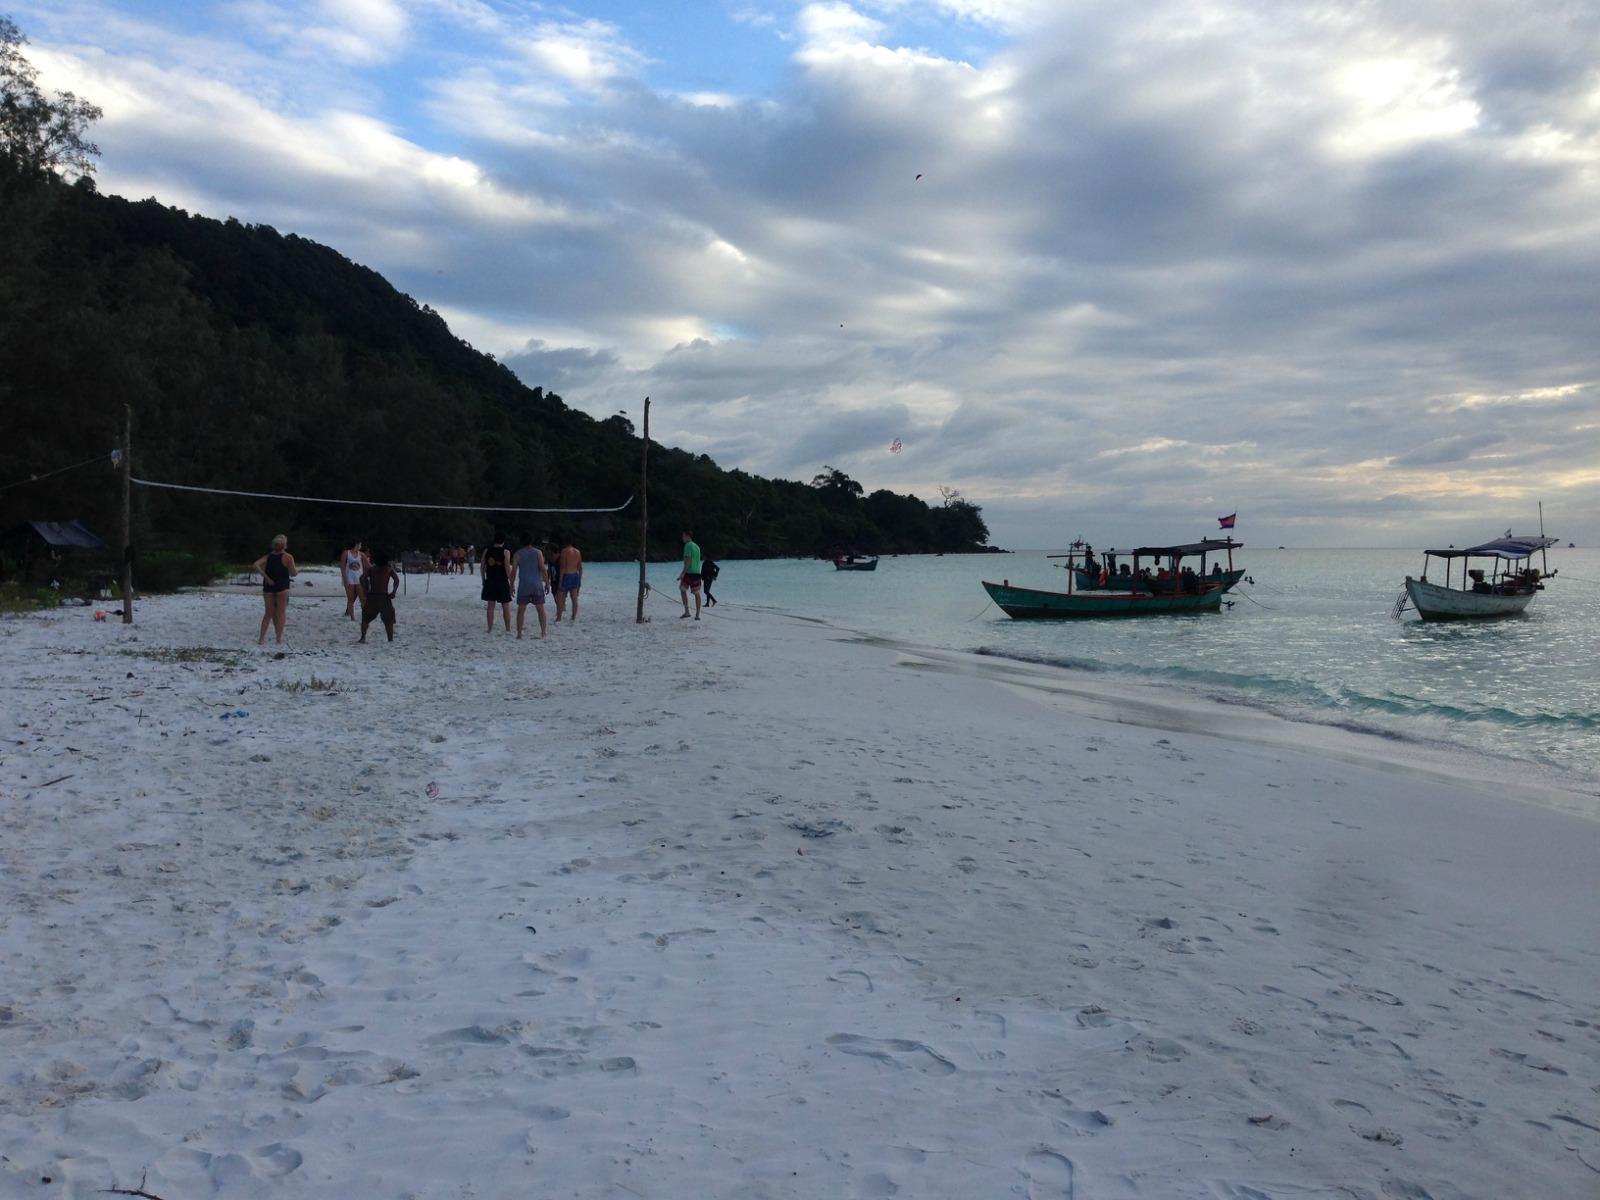 瓜隆岛地处泰国湾,距离西哈努克约2个小时,游客多为欧洲人,岛上有多